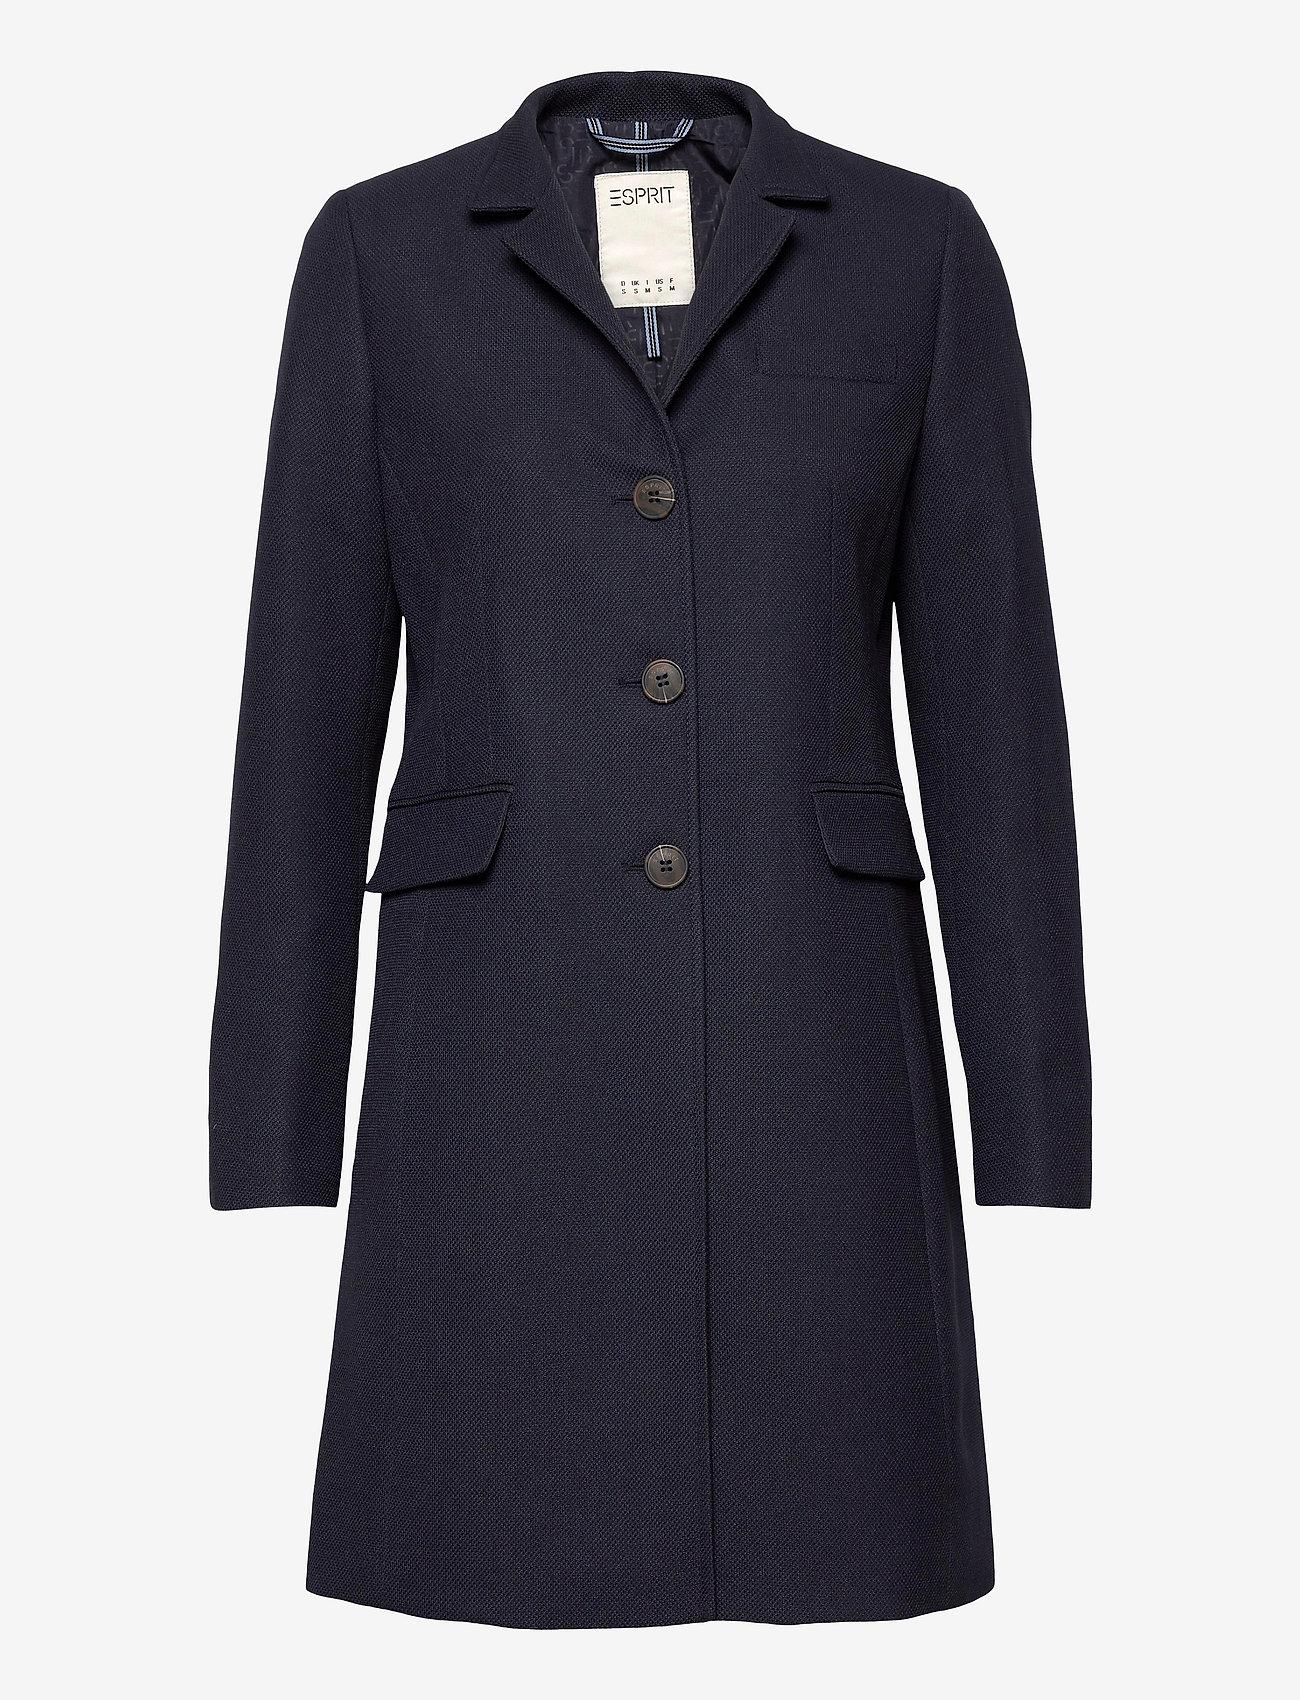 Esprit Casual - Coats woven - manteaux legères - navy - 0